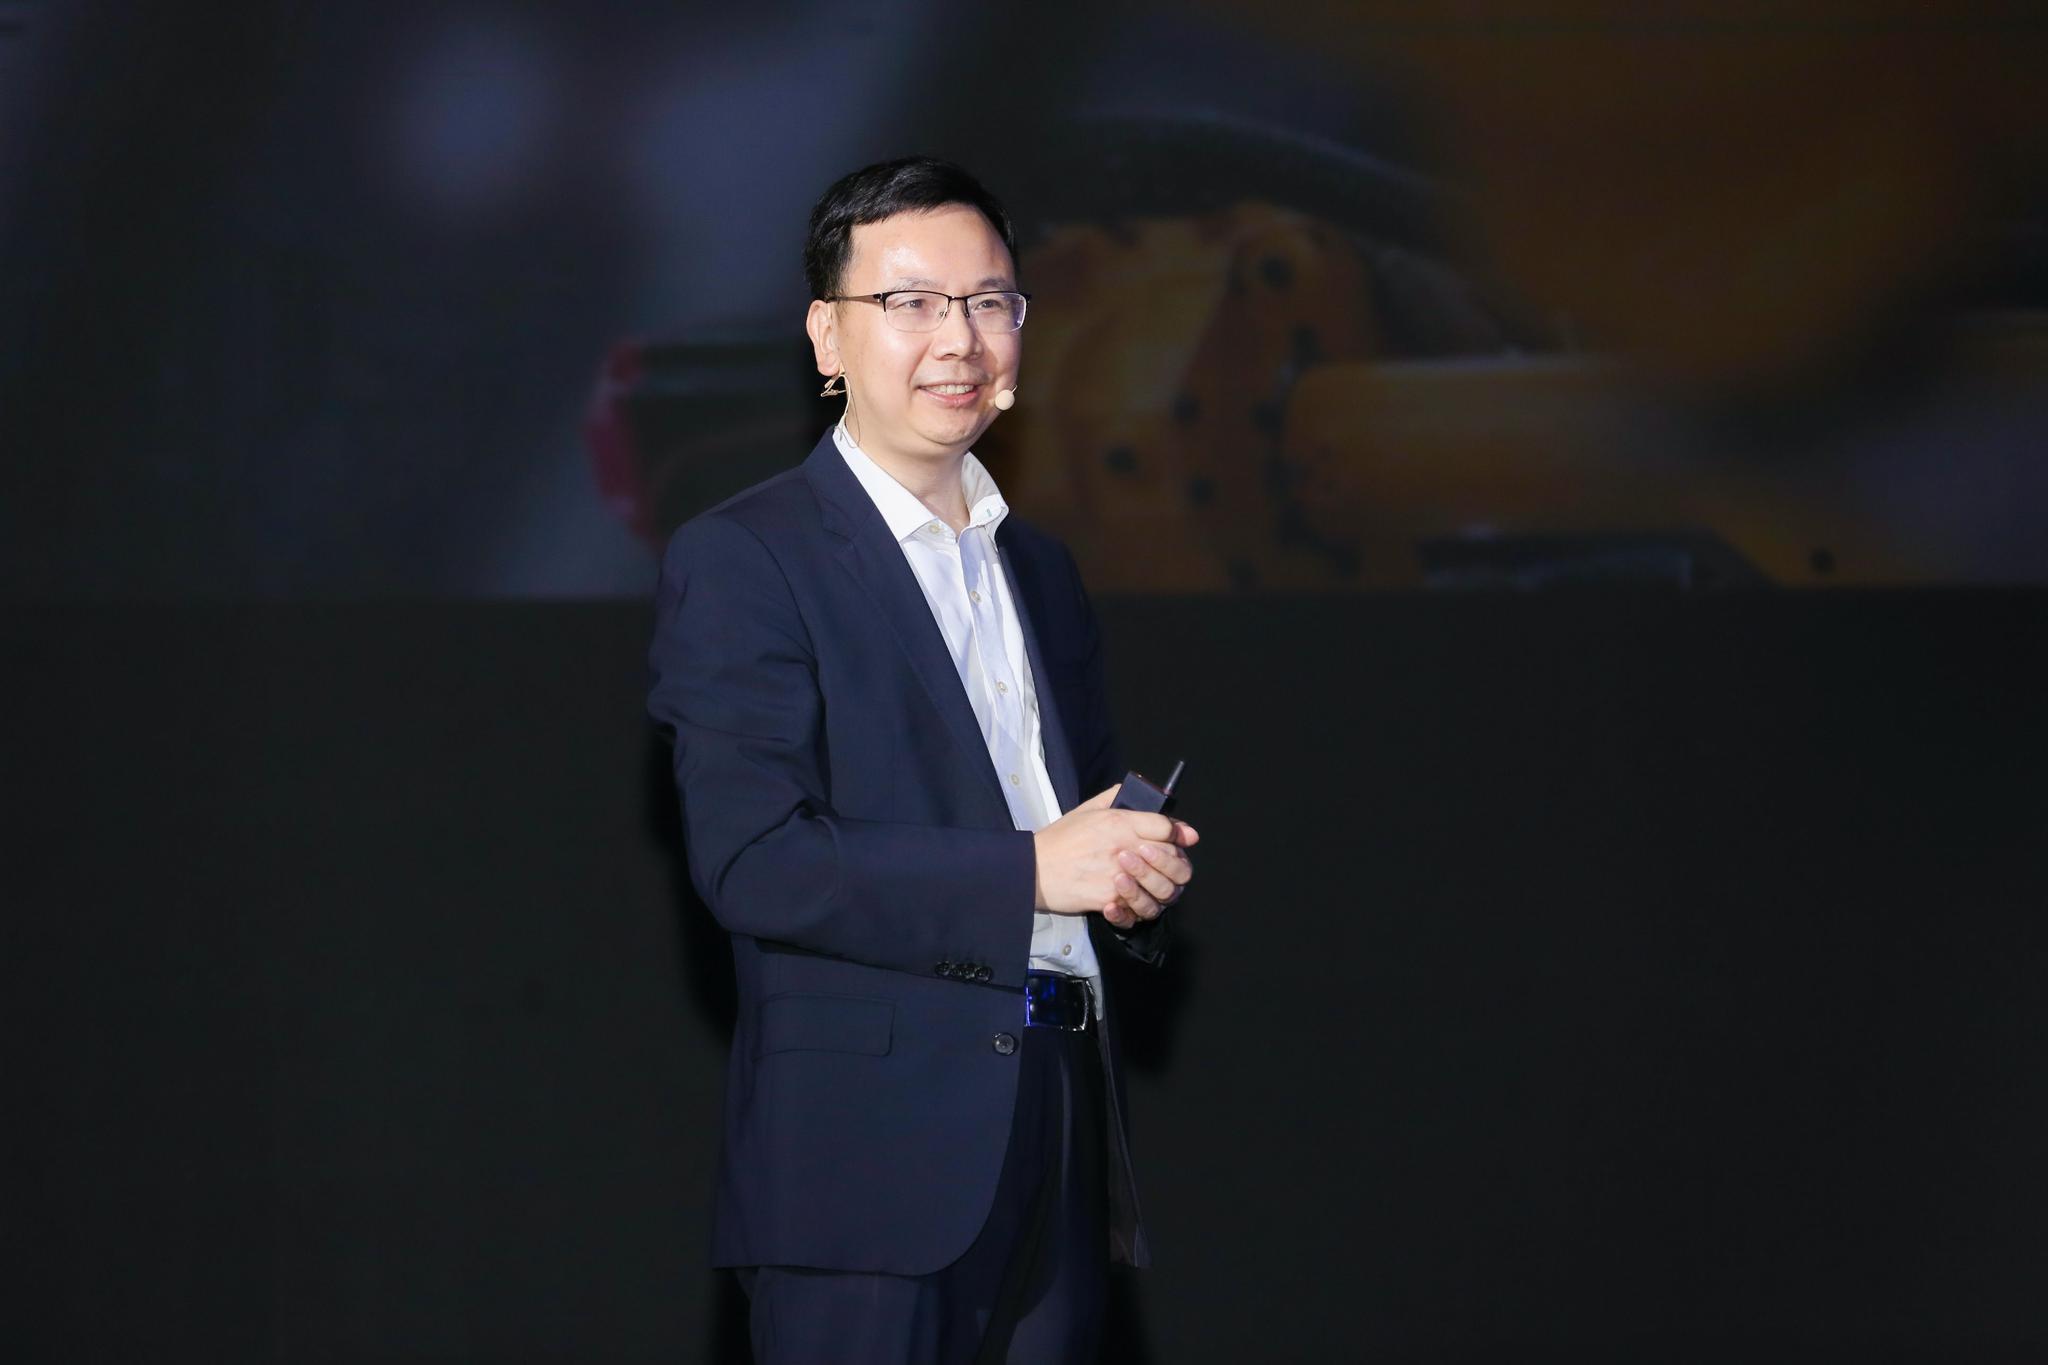 华为杨超斌:全球70%以上5G用户在中国 未来5G会演进到5.5G